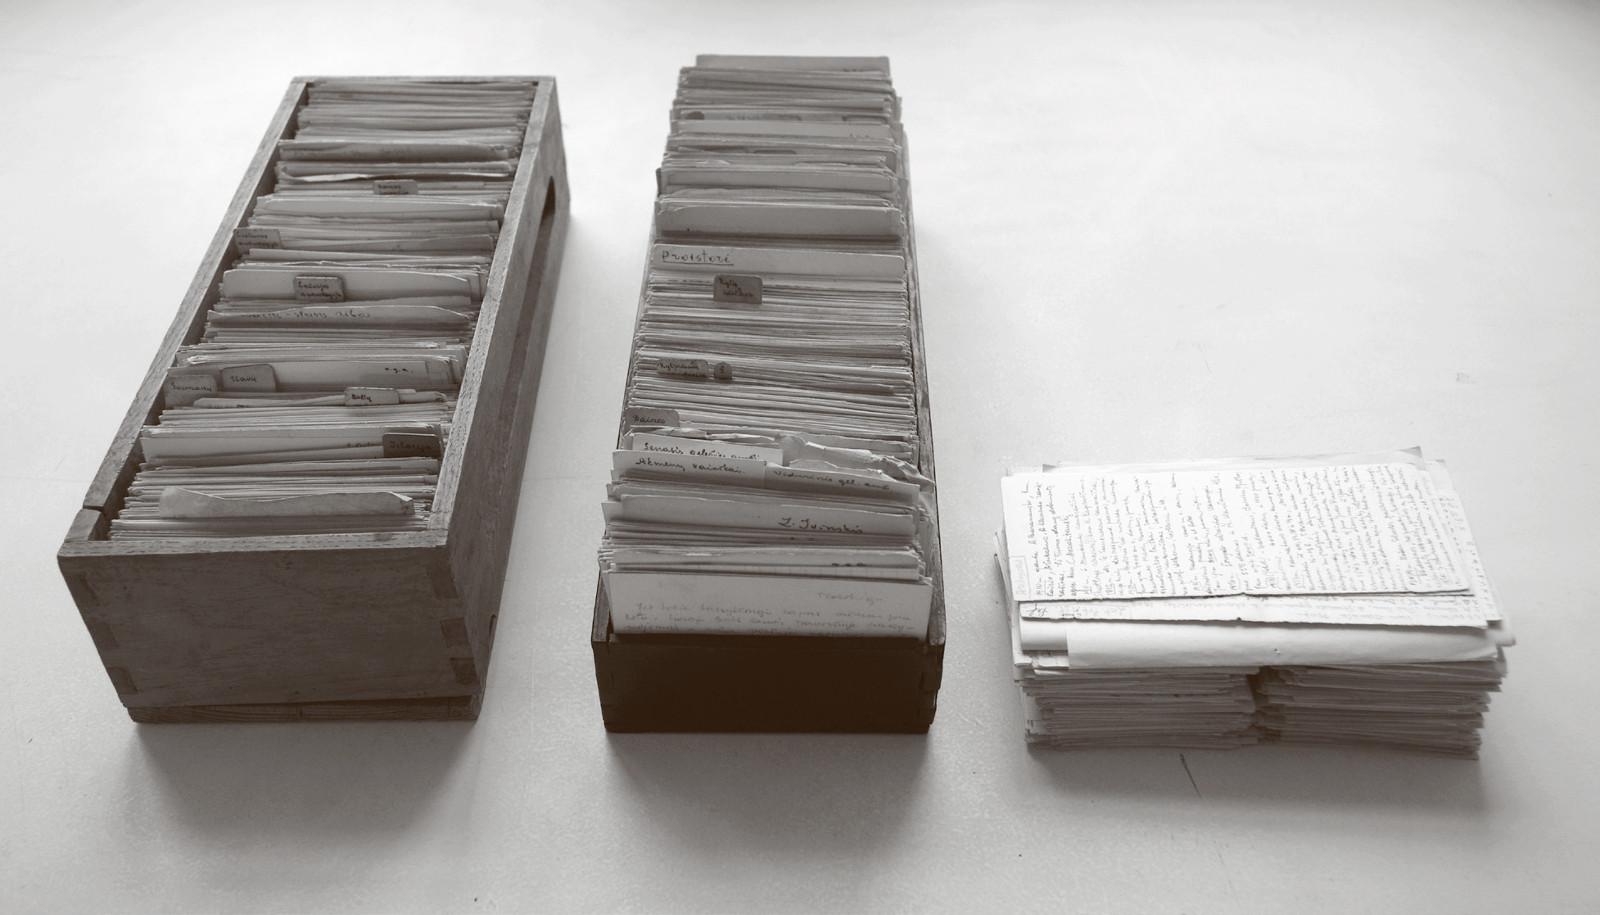 1 pav. M. Alseikaitės-Gimbutienės kartotekos kortelės (VUB RS, f. 154–503/1–3). G. Petrausko nuotr. / Fig. 1. Index cards of the index card file by M. Alseikaitė-Gimbutienė (VUB RS, f. 154–503/1–3). Photo by G. Petrauskas